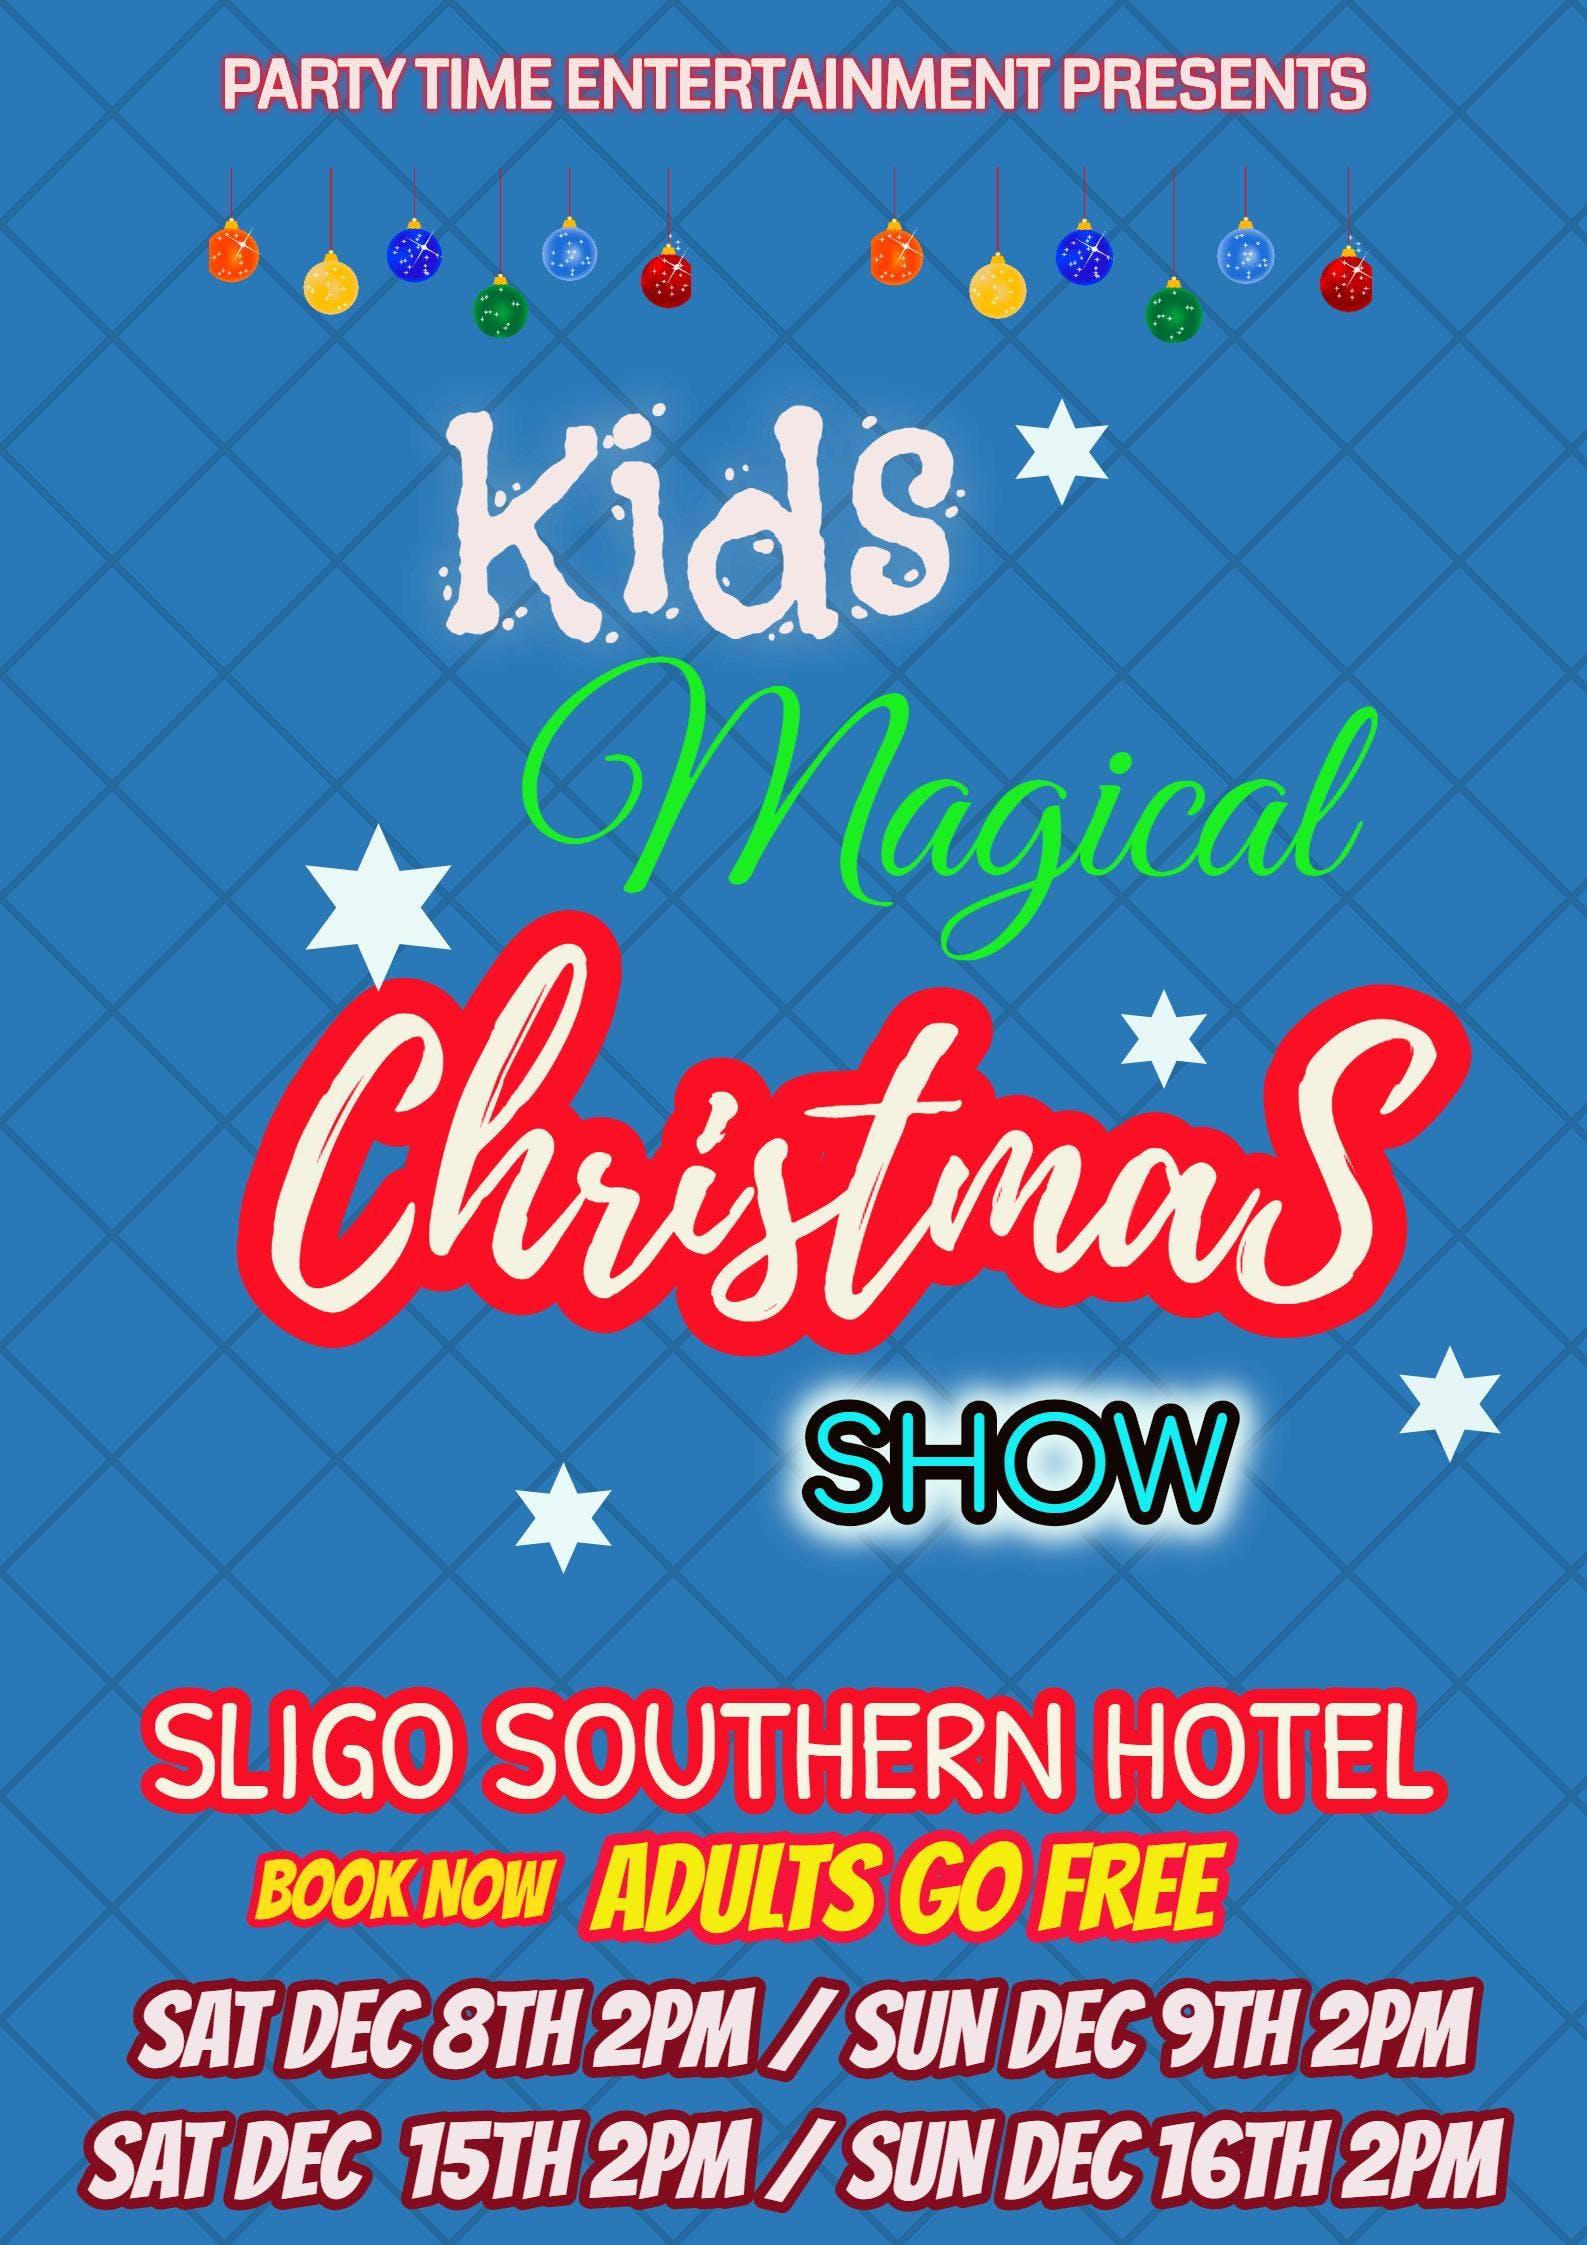 Kids Magical Christmas Show 2018 - Sligo